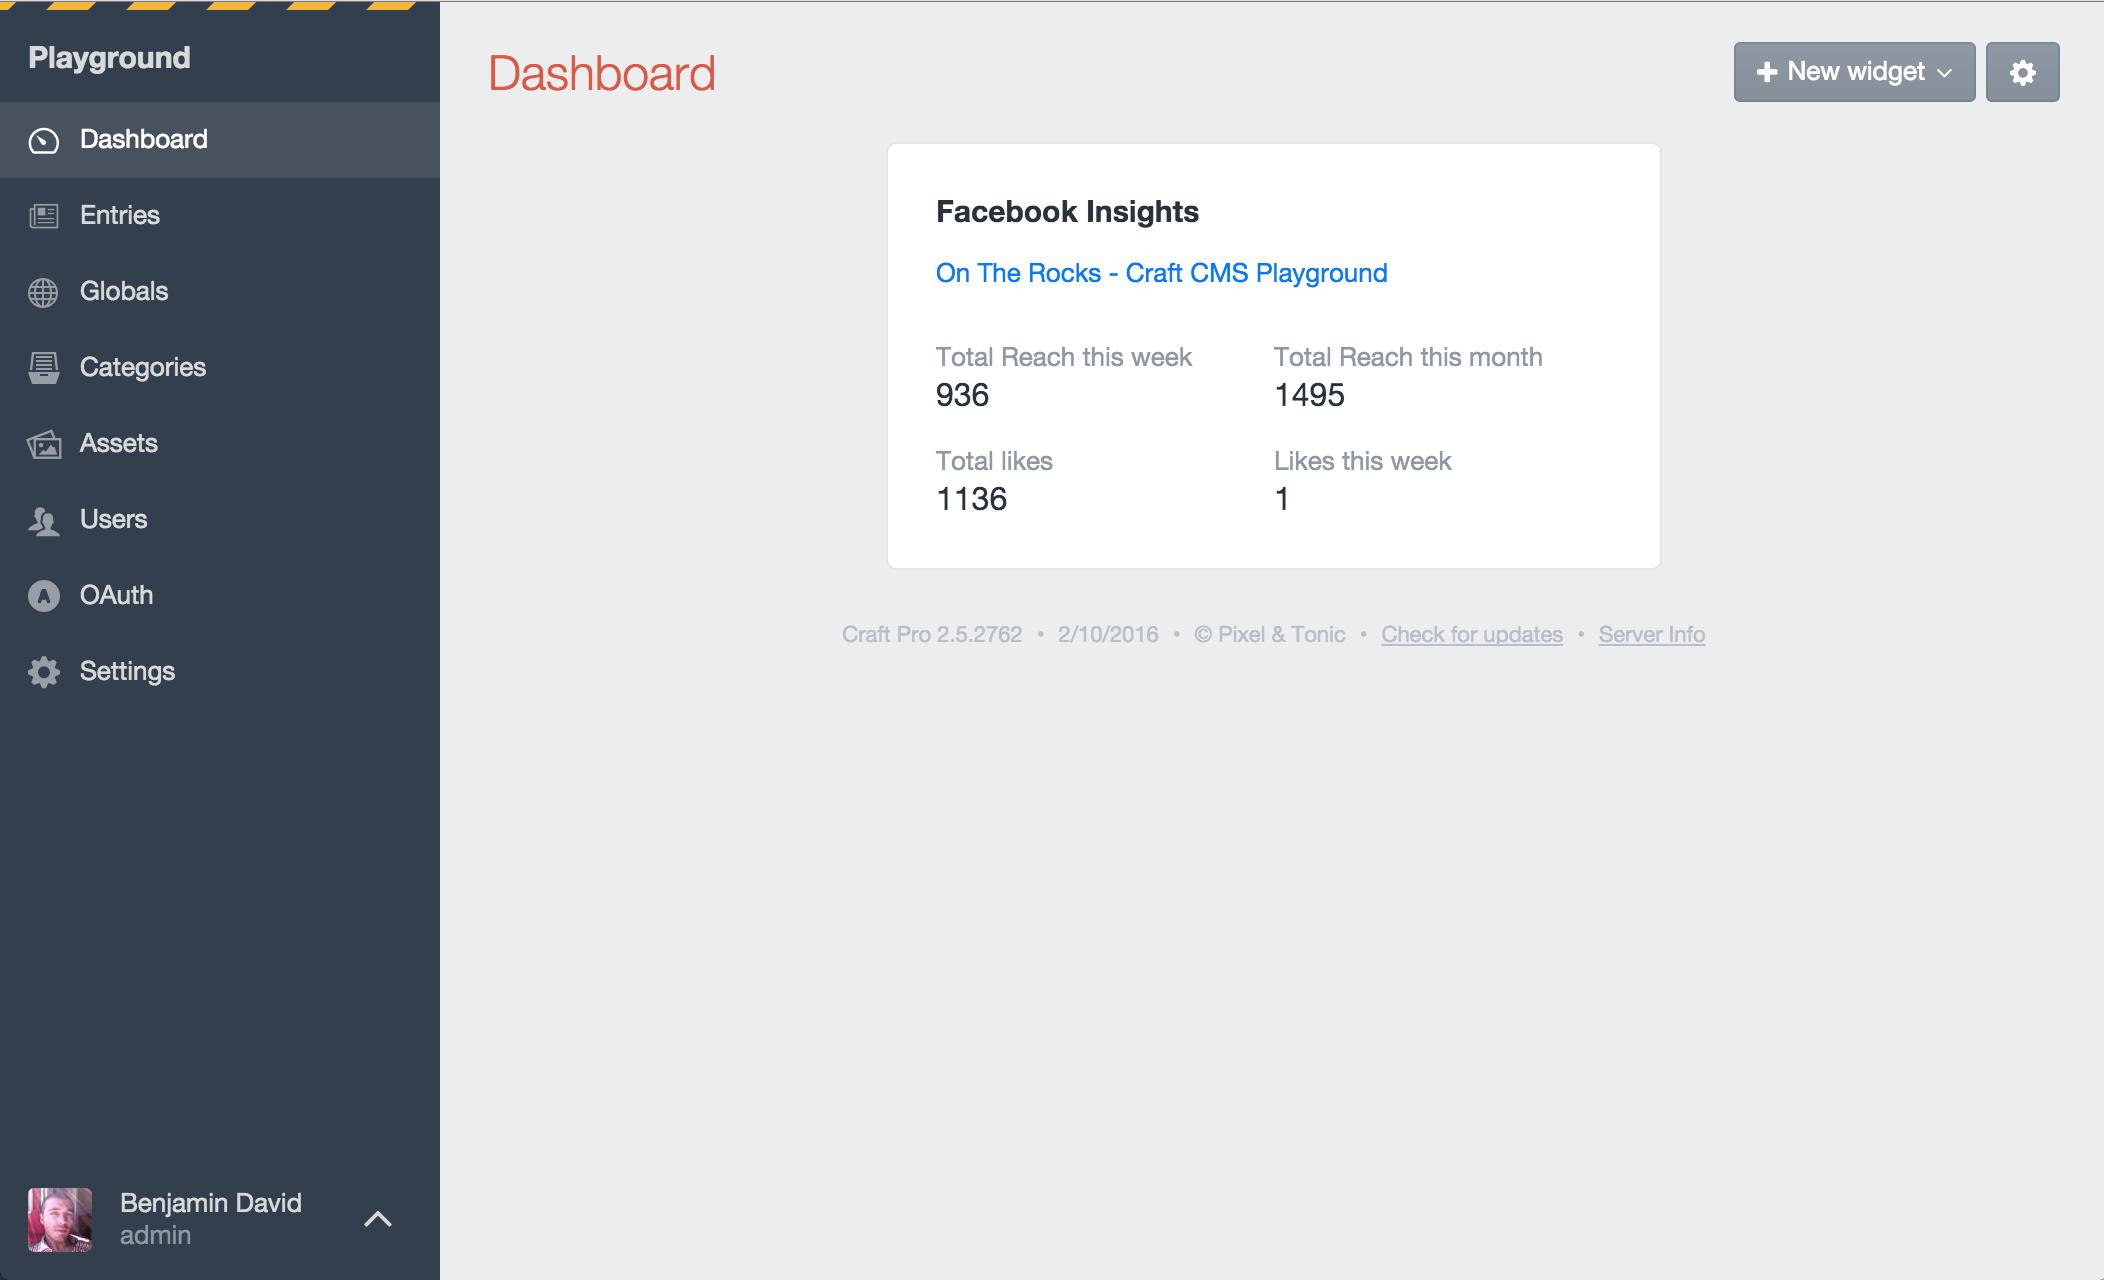 Facebook Screenshot: Insights